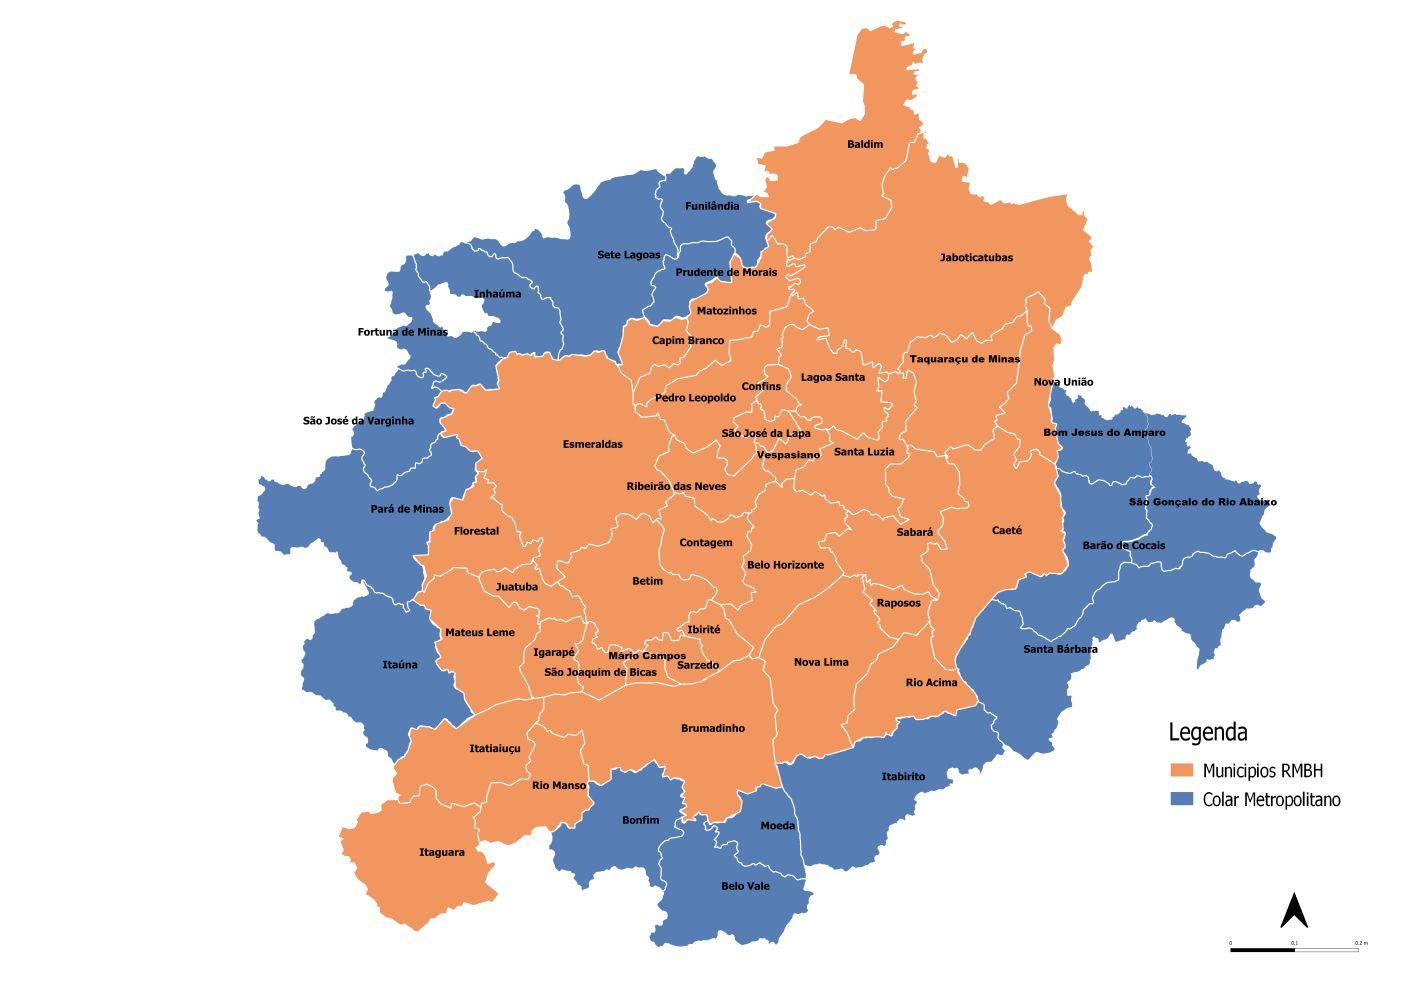 mapa conheca RMBH